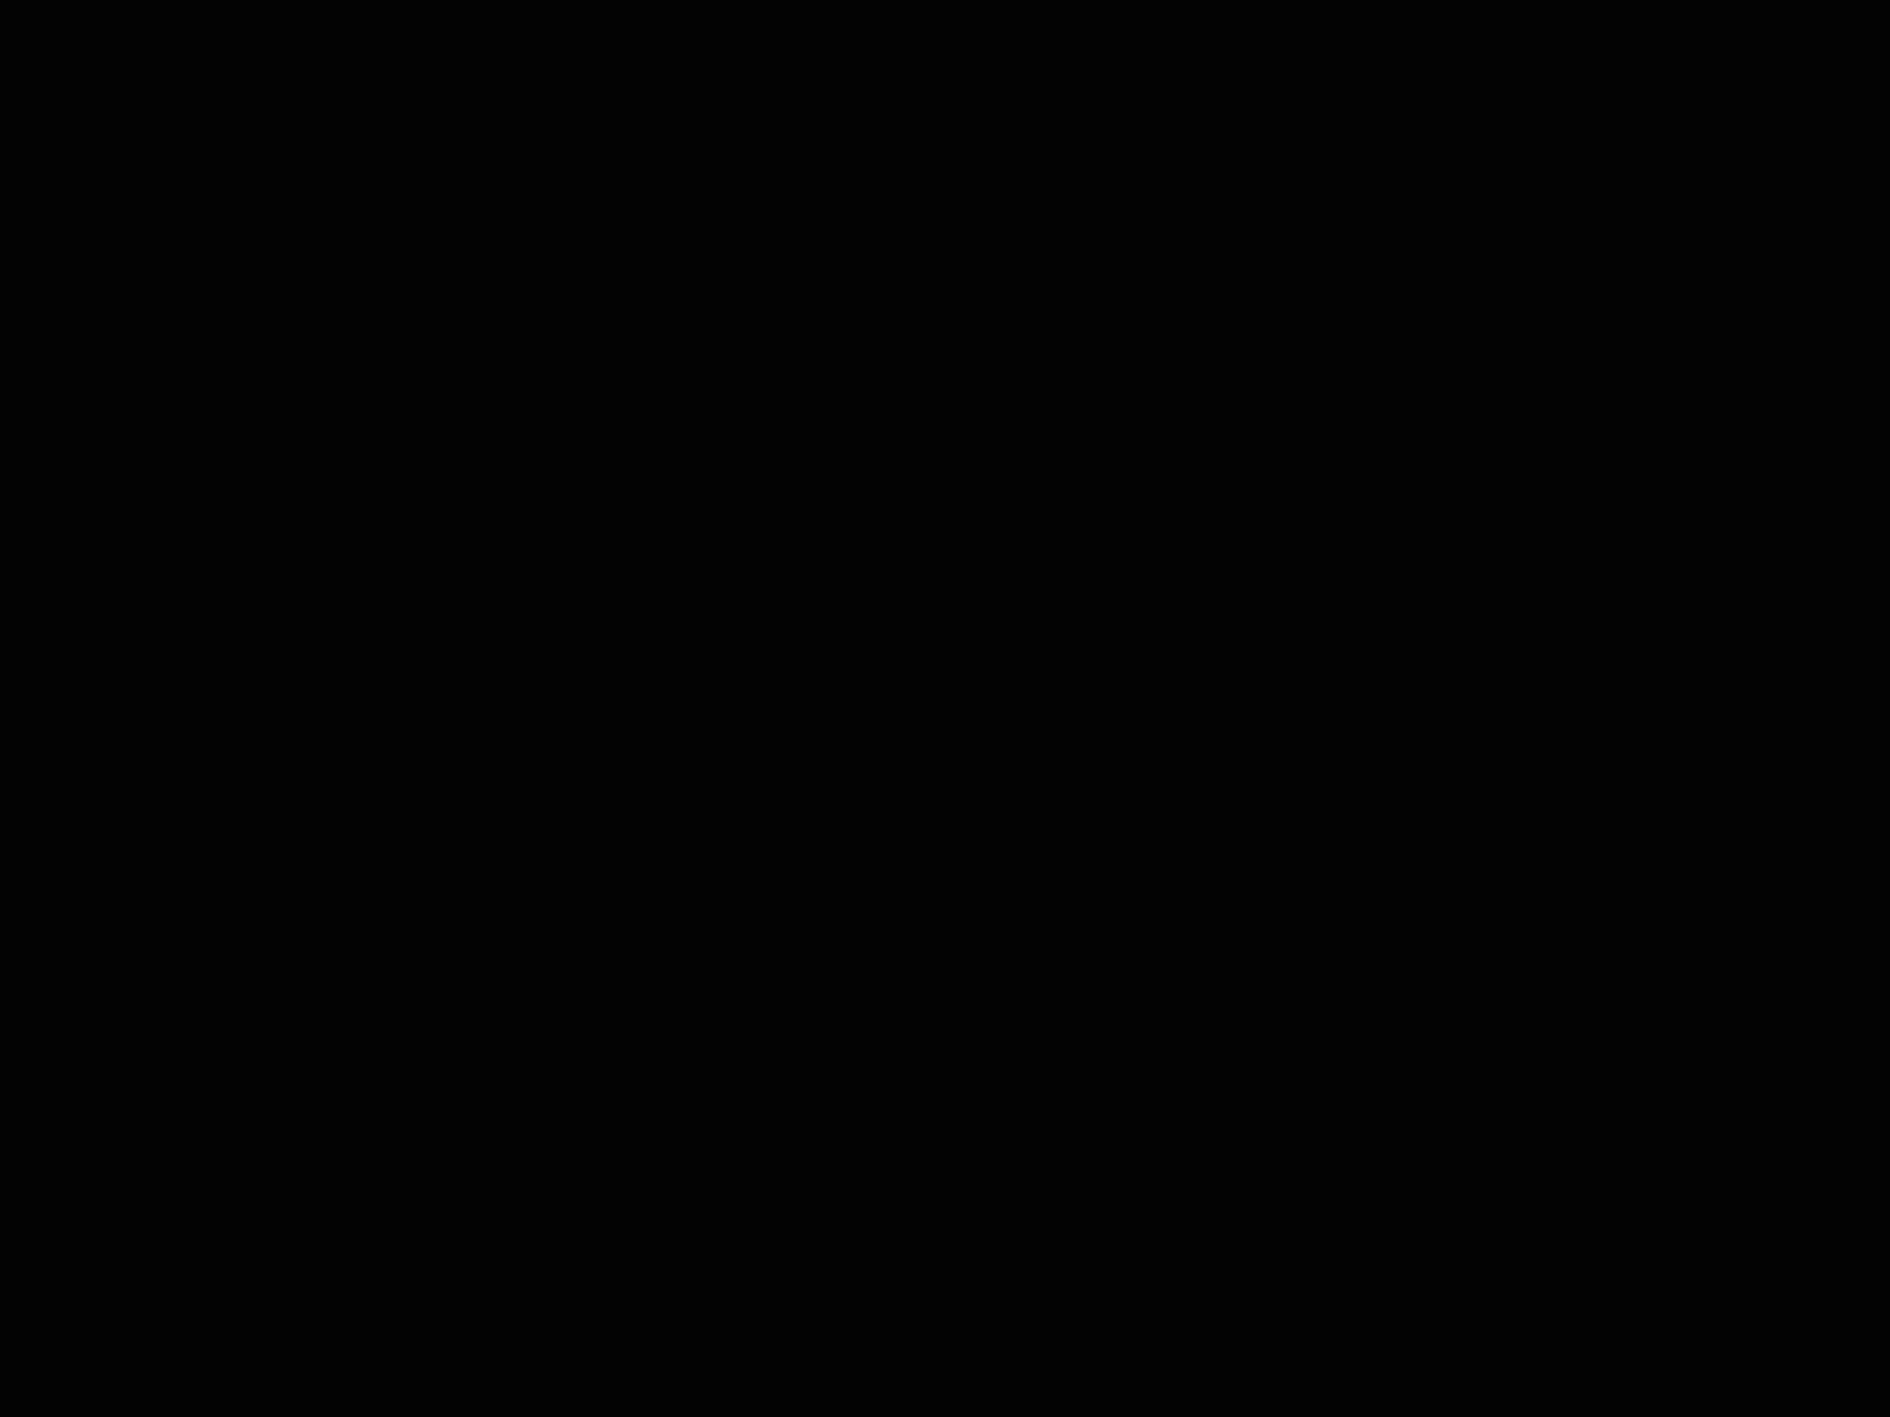 ninesqere black.jpg